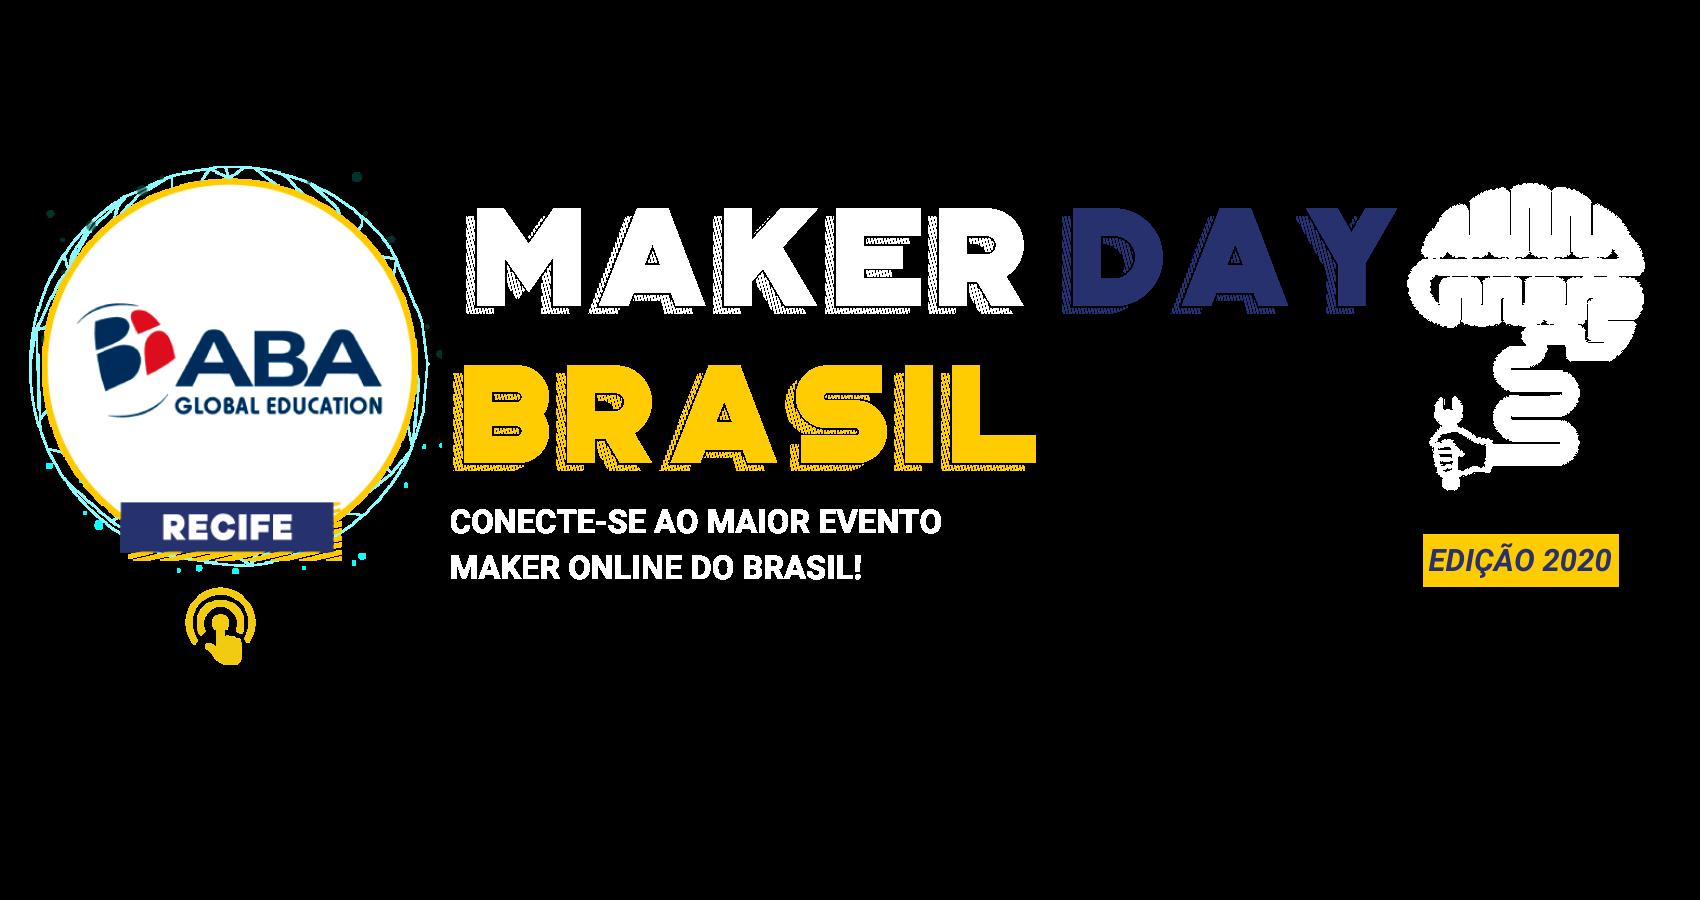 Maker Day Brasil Capa Recife